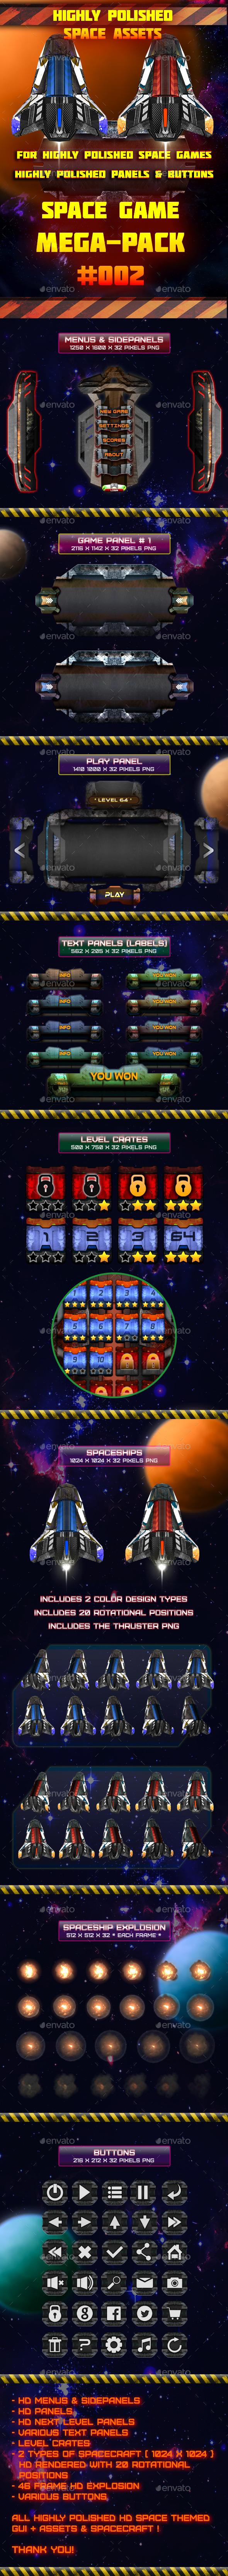 SciFi Mega Pack GUI + Assets #002 - Game Kits Game Assets